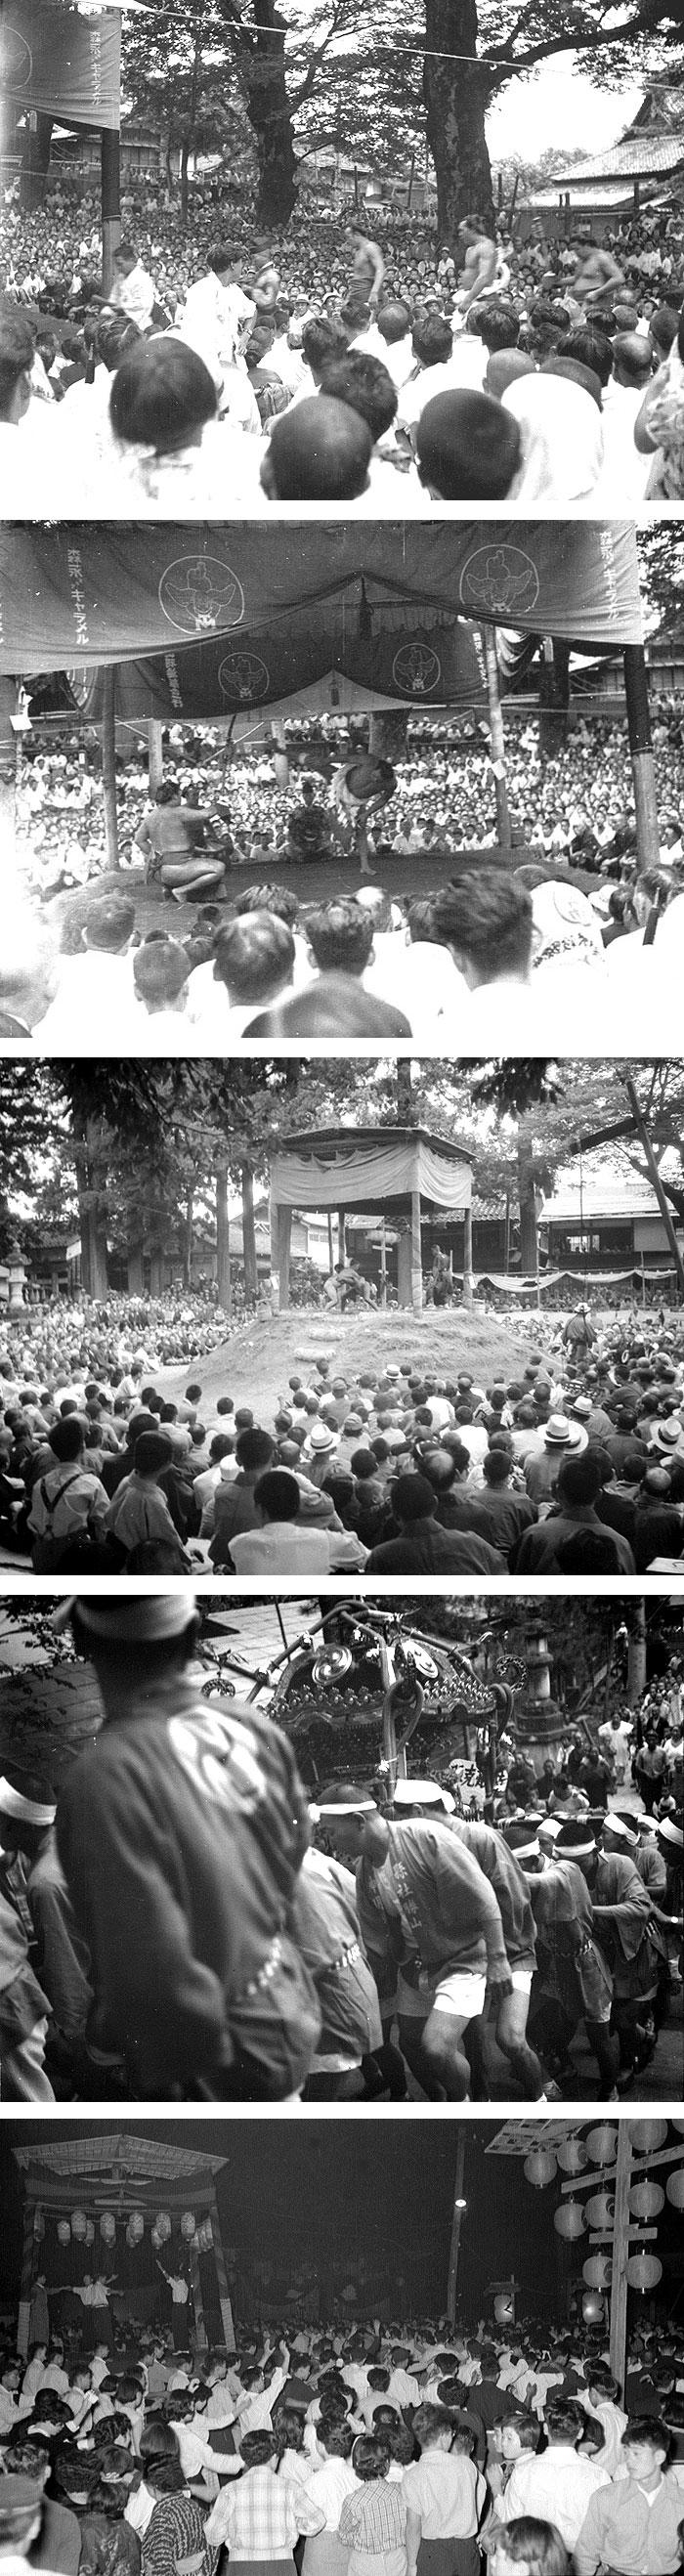 上から2枚:勝山ゆかりの横綱千代の山の巡業風景。中:今も続く「地区対抗相撲大会」。上から4枚目:神明神社の神輿。最下段:盆踊りの賑わい。